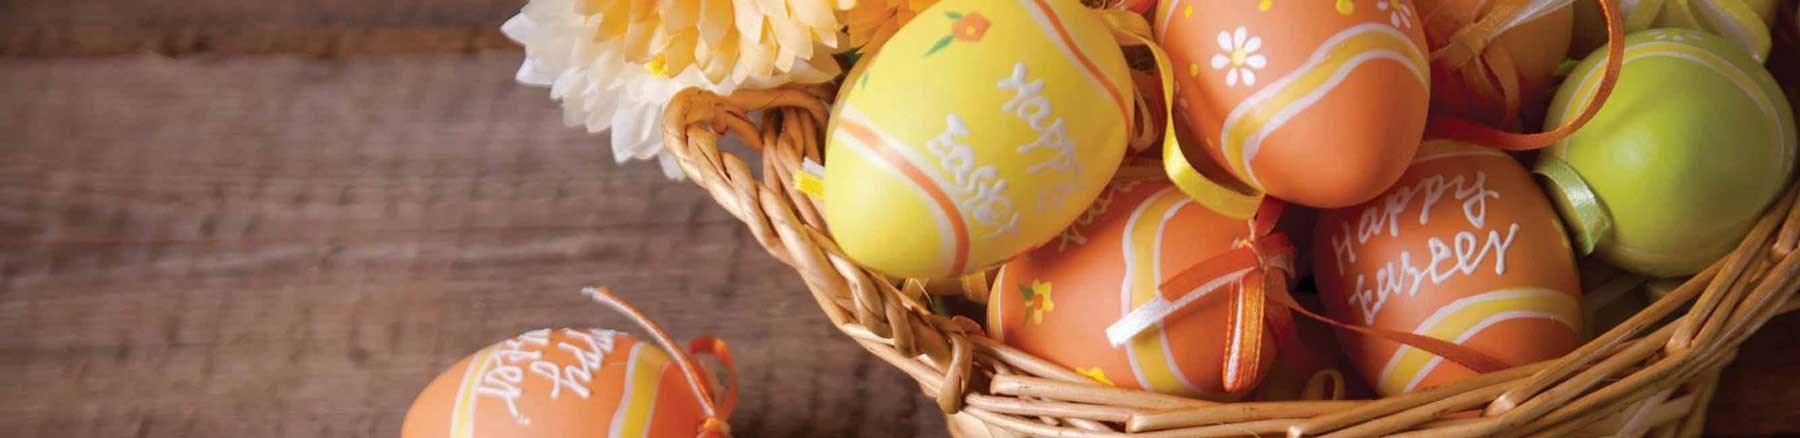 Easter Brunch at Heidel House